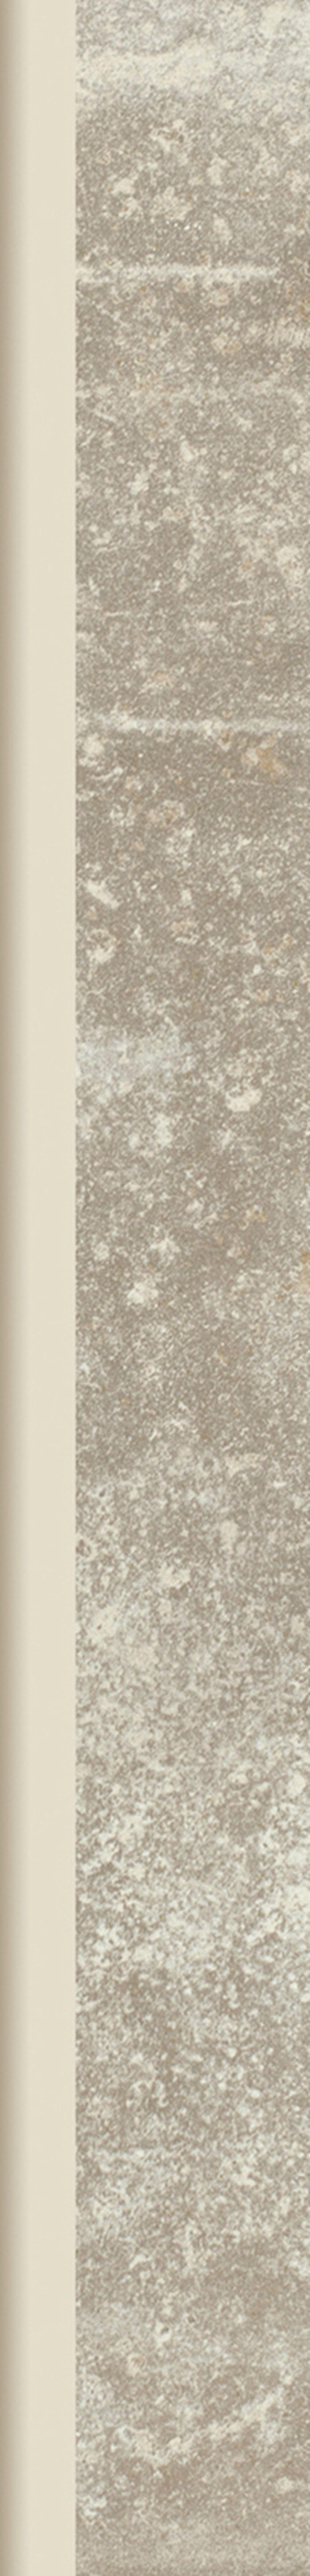 Płytka cokołowa 7,2x59,8 cm  Paradyż Trakt Beige Cokół Mat